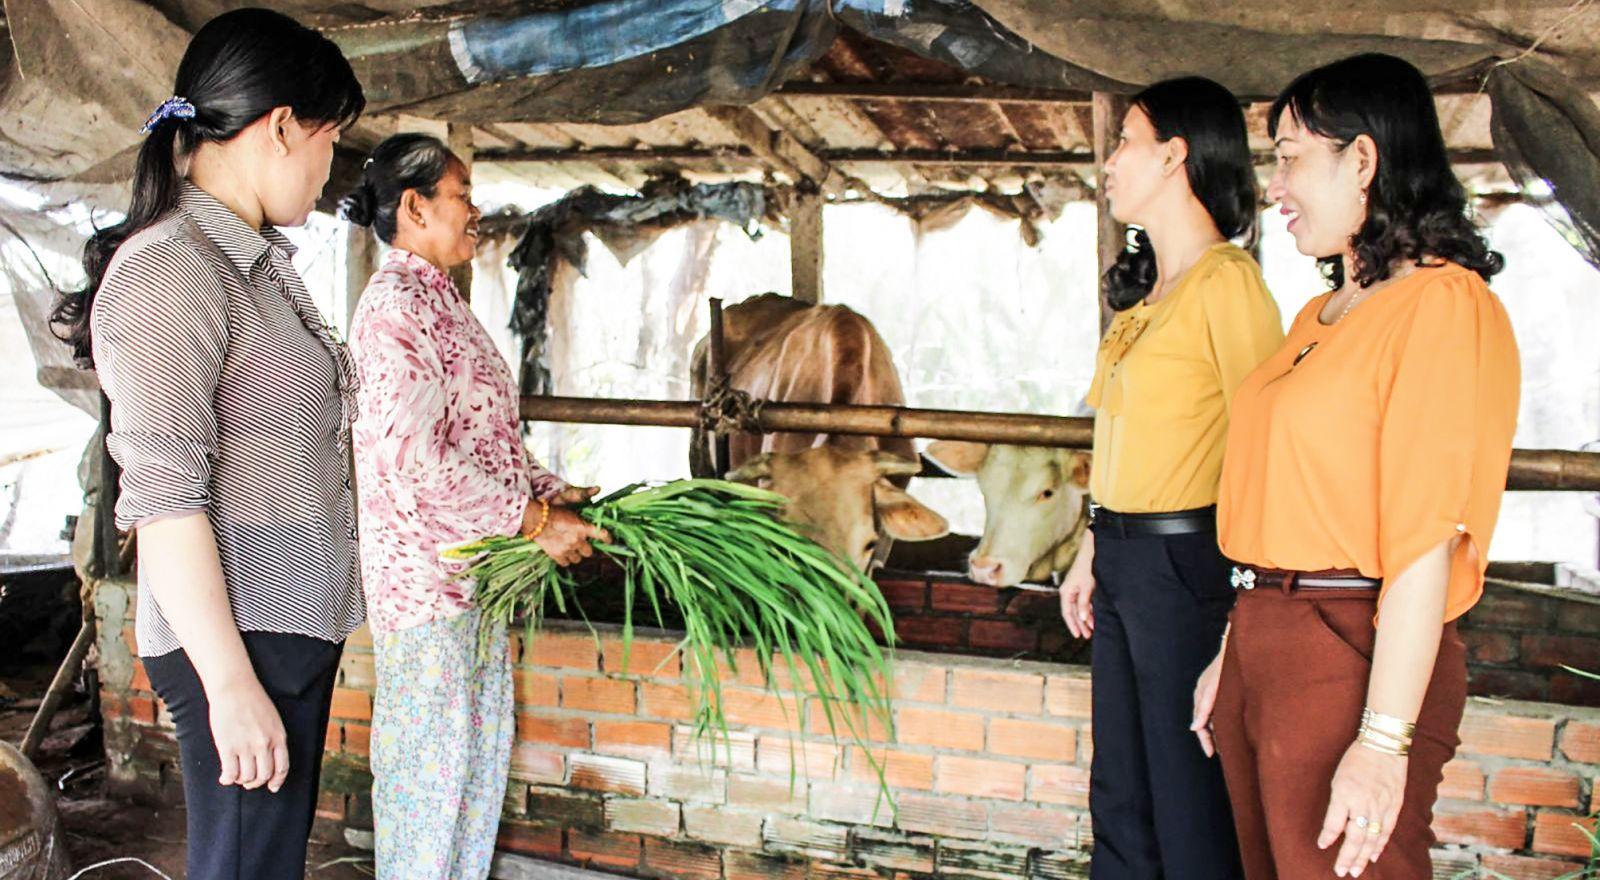 Bà Võ Thụy Ngân Hà, Chủ tịch UBMTTQVN phường Thới An Đông (bìa phải) thăm một hộ được địa phương giúp đỡ vươn lên thoát nghèo. Ảnh: ĐỒNG TÂM